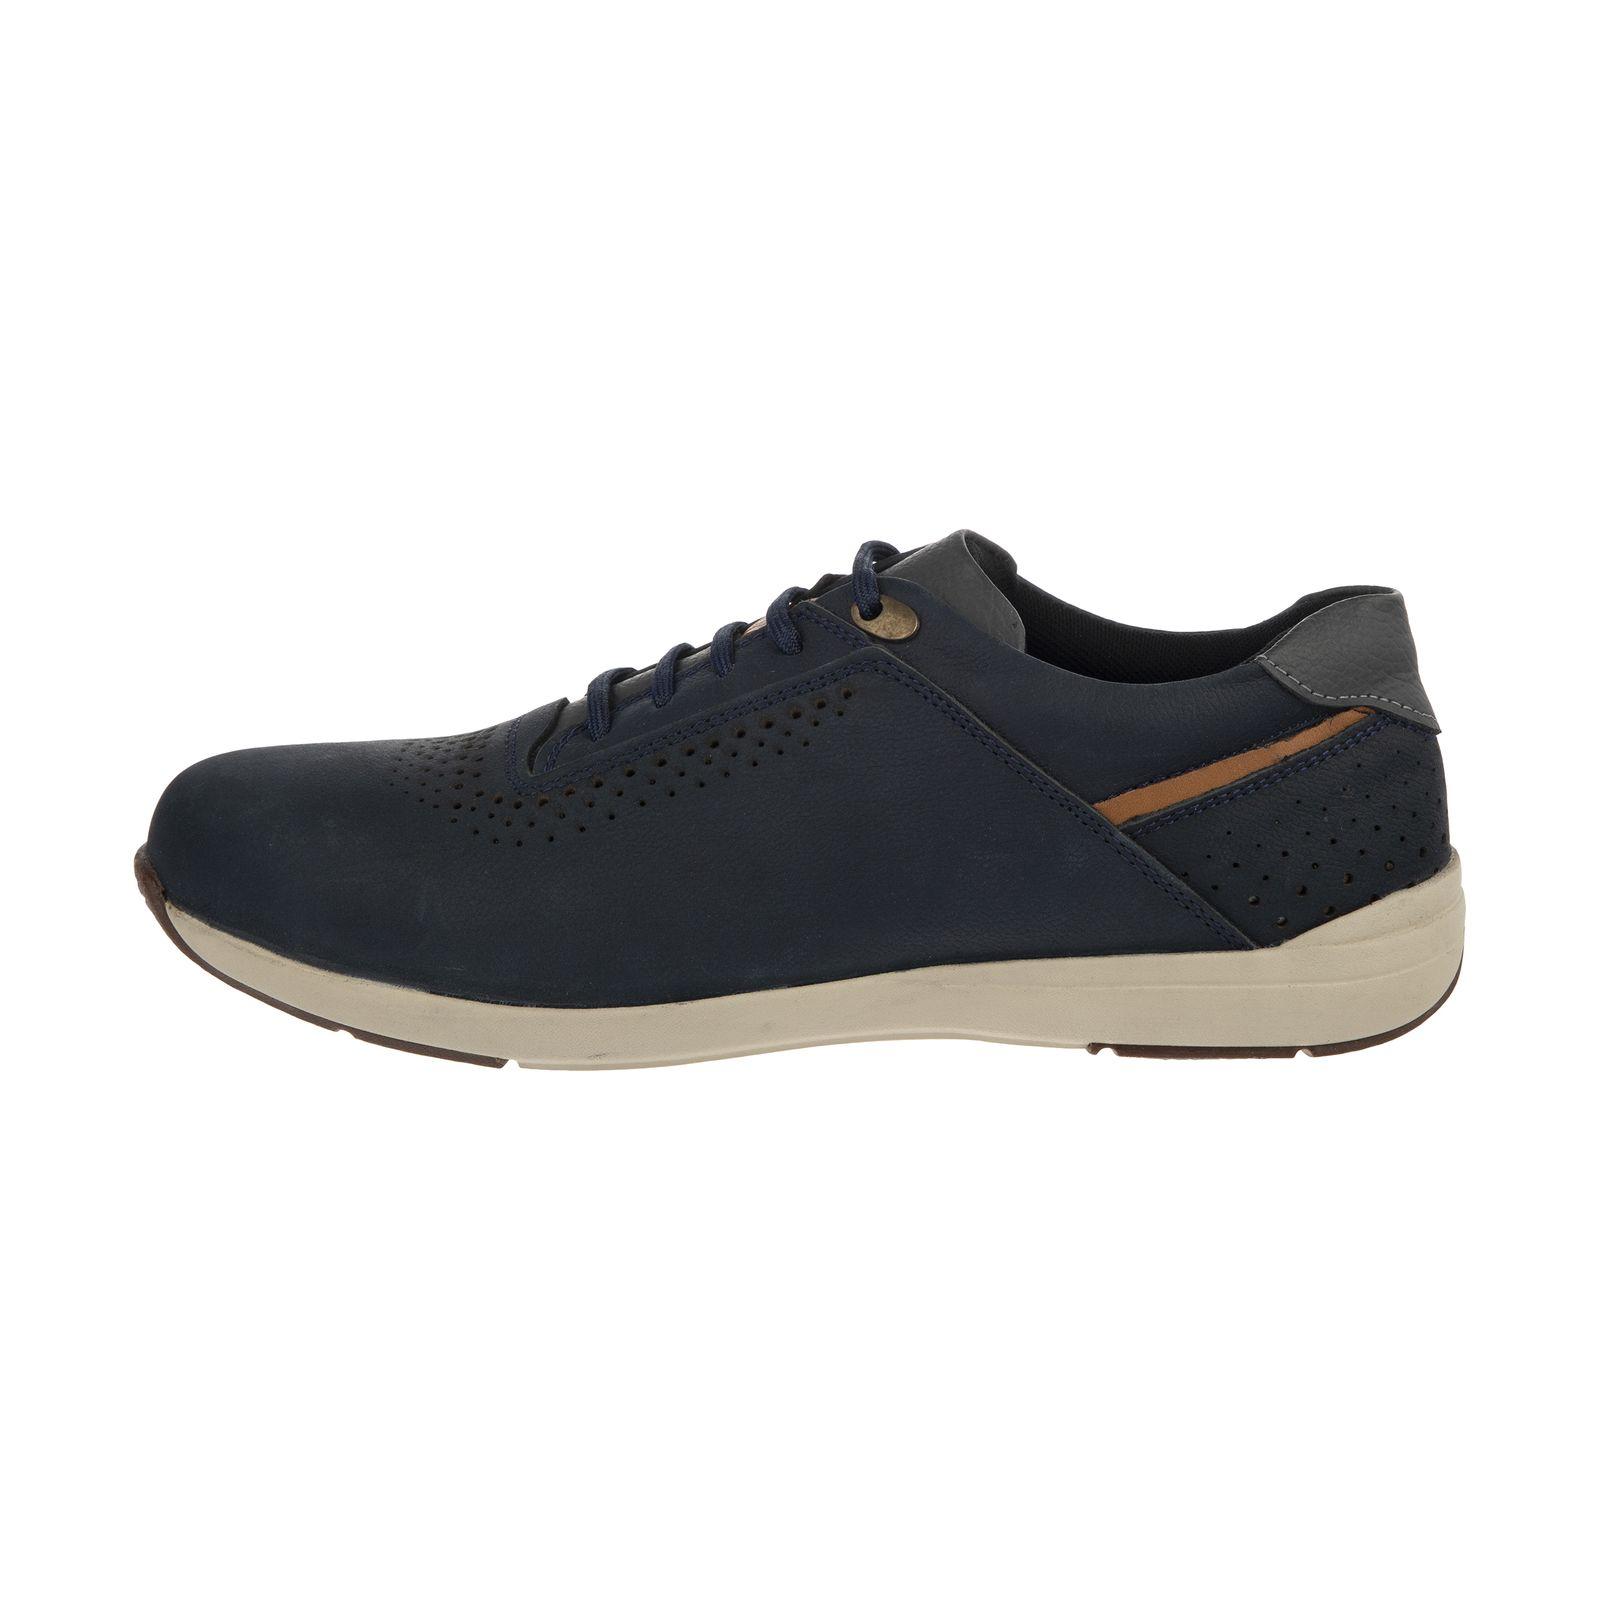 کفش روزمره مردانه سوته مدل 5037A503103 -  - 2